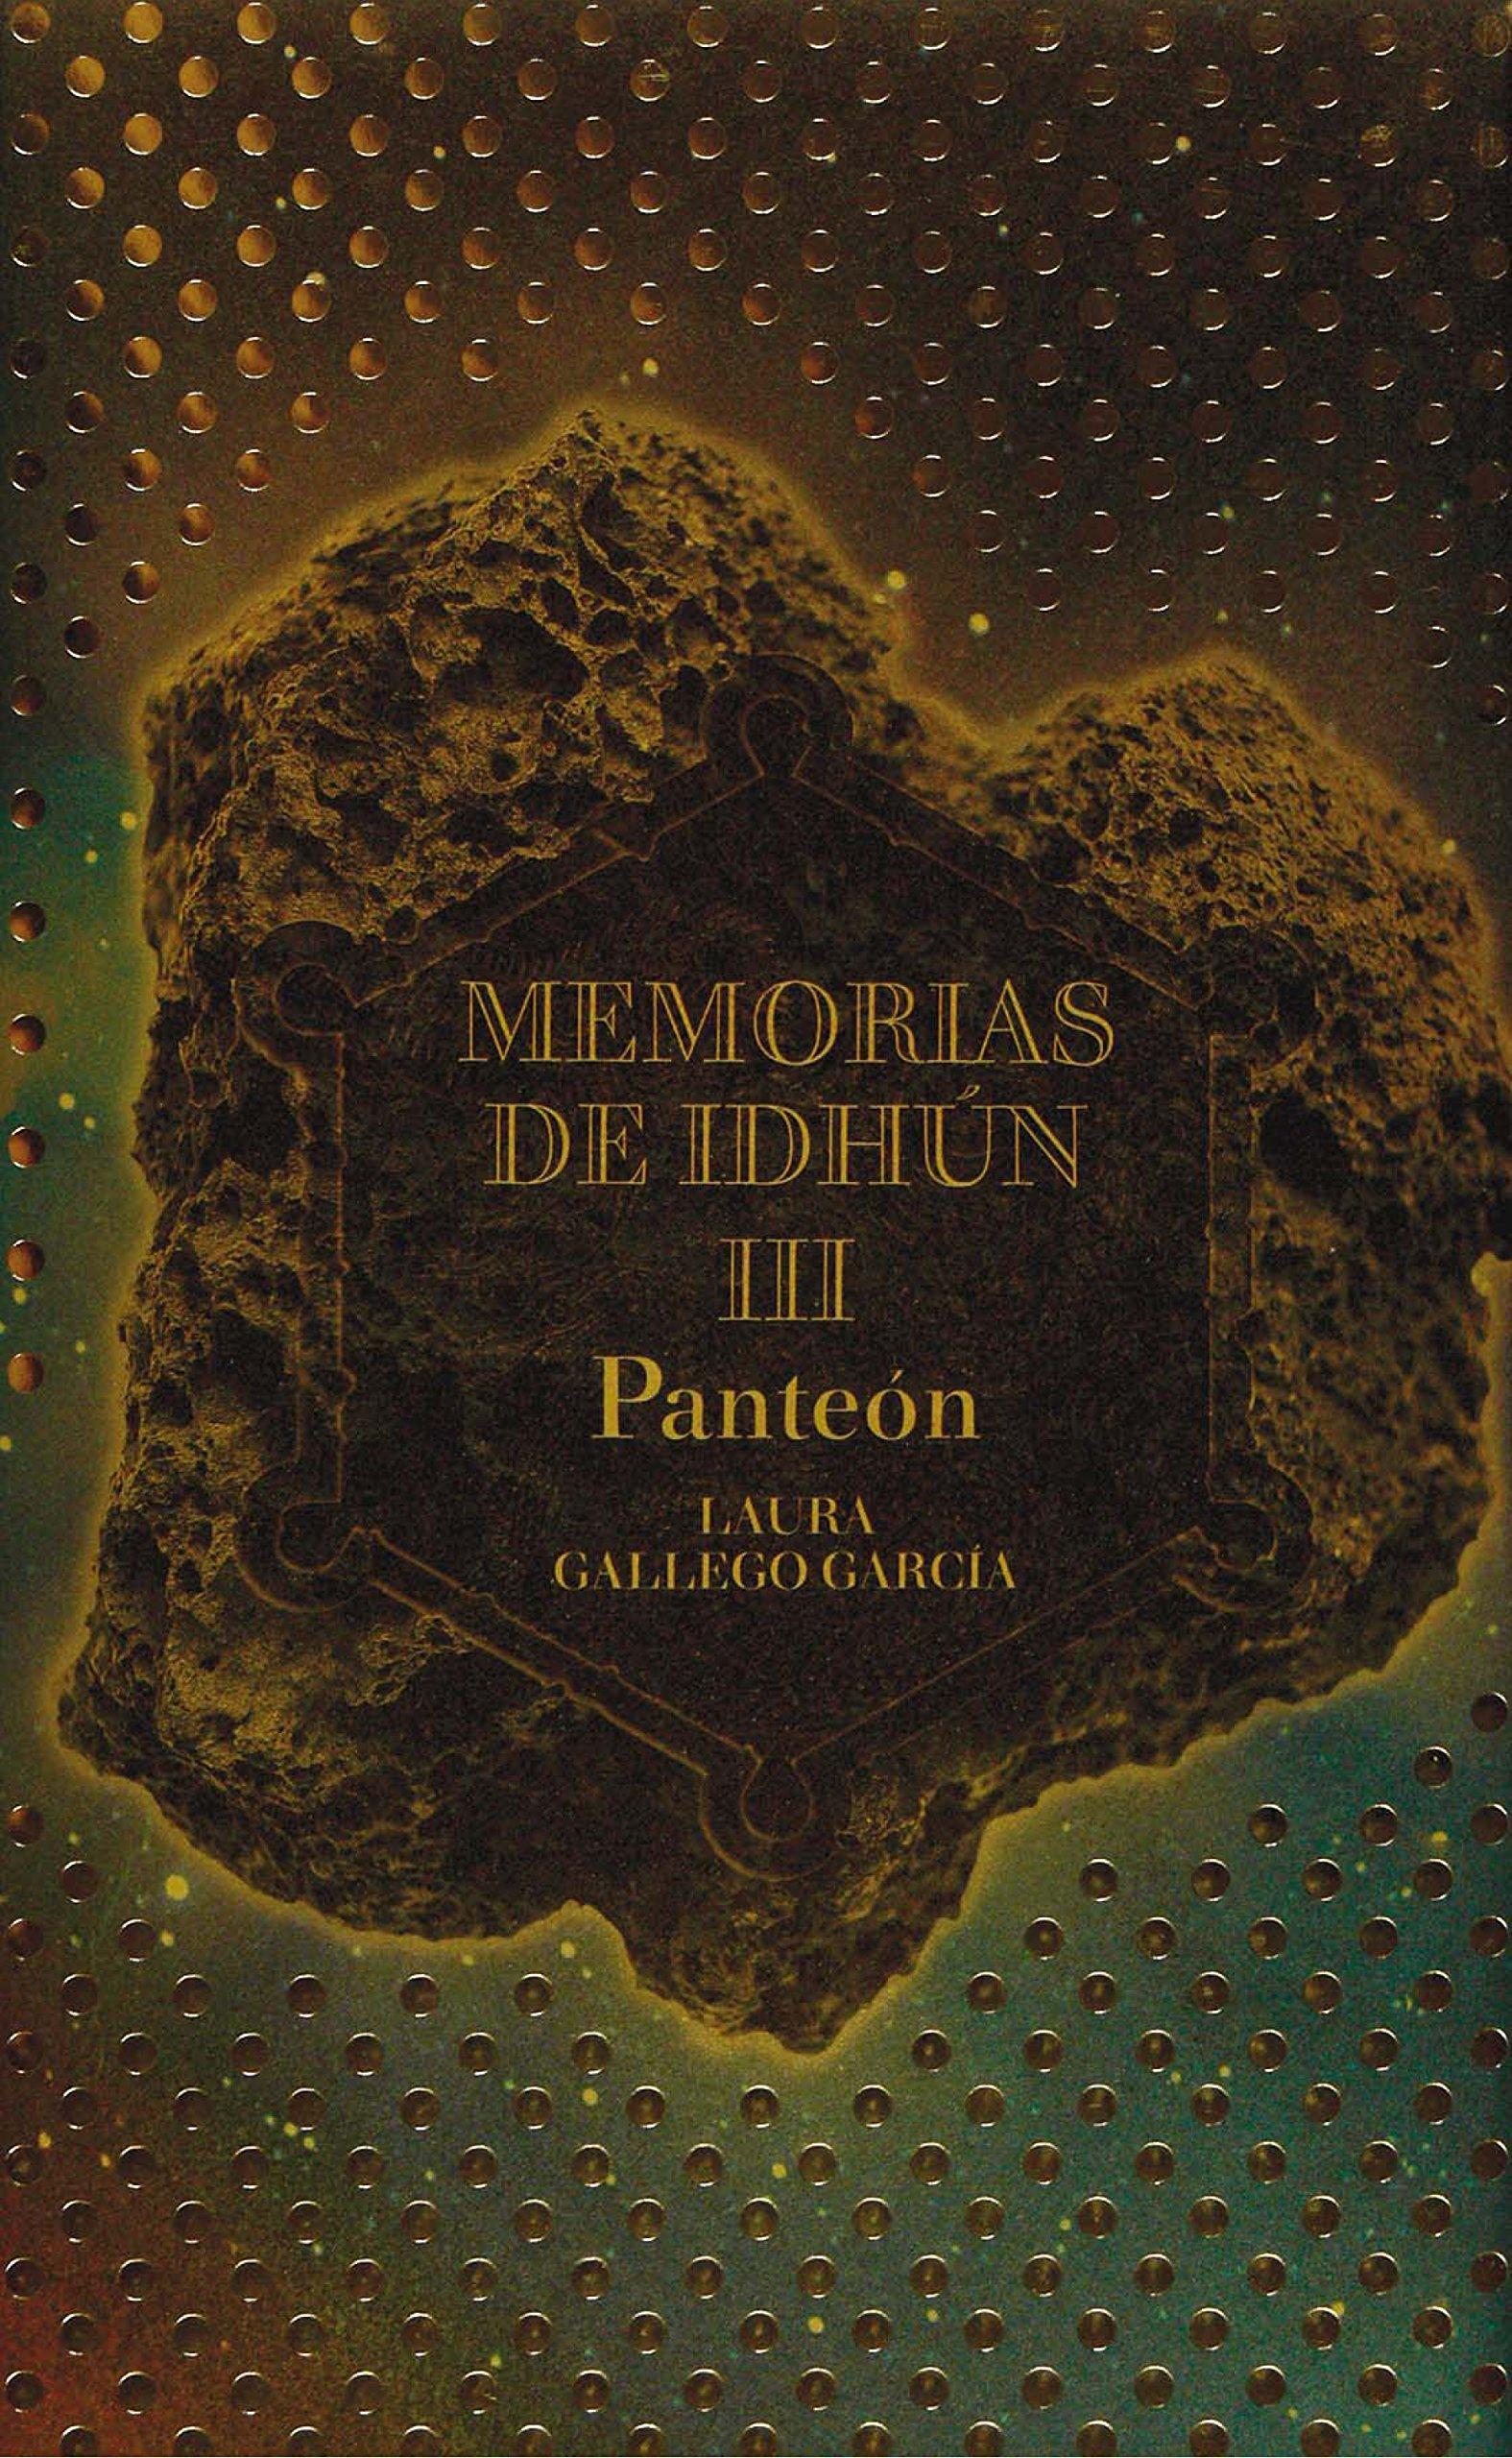 memorias de idhun 3